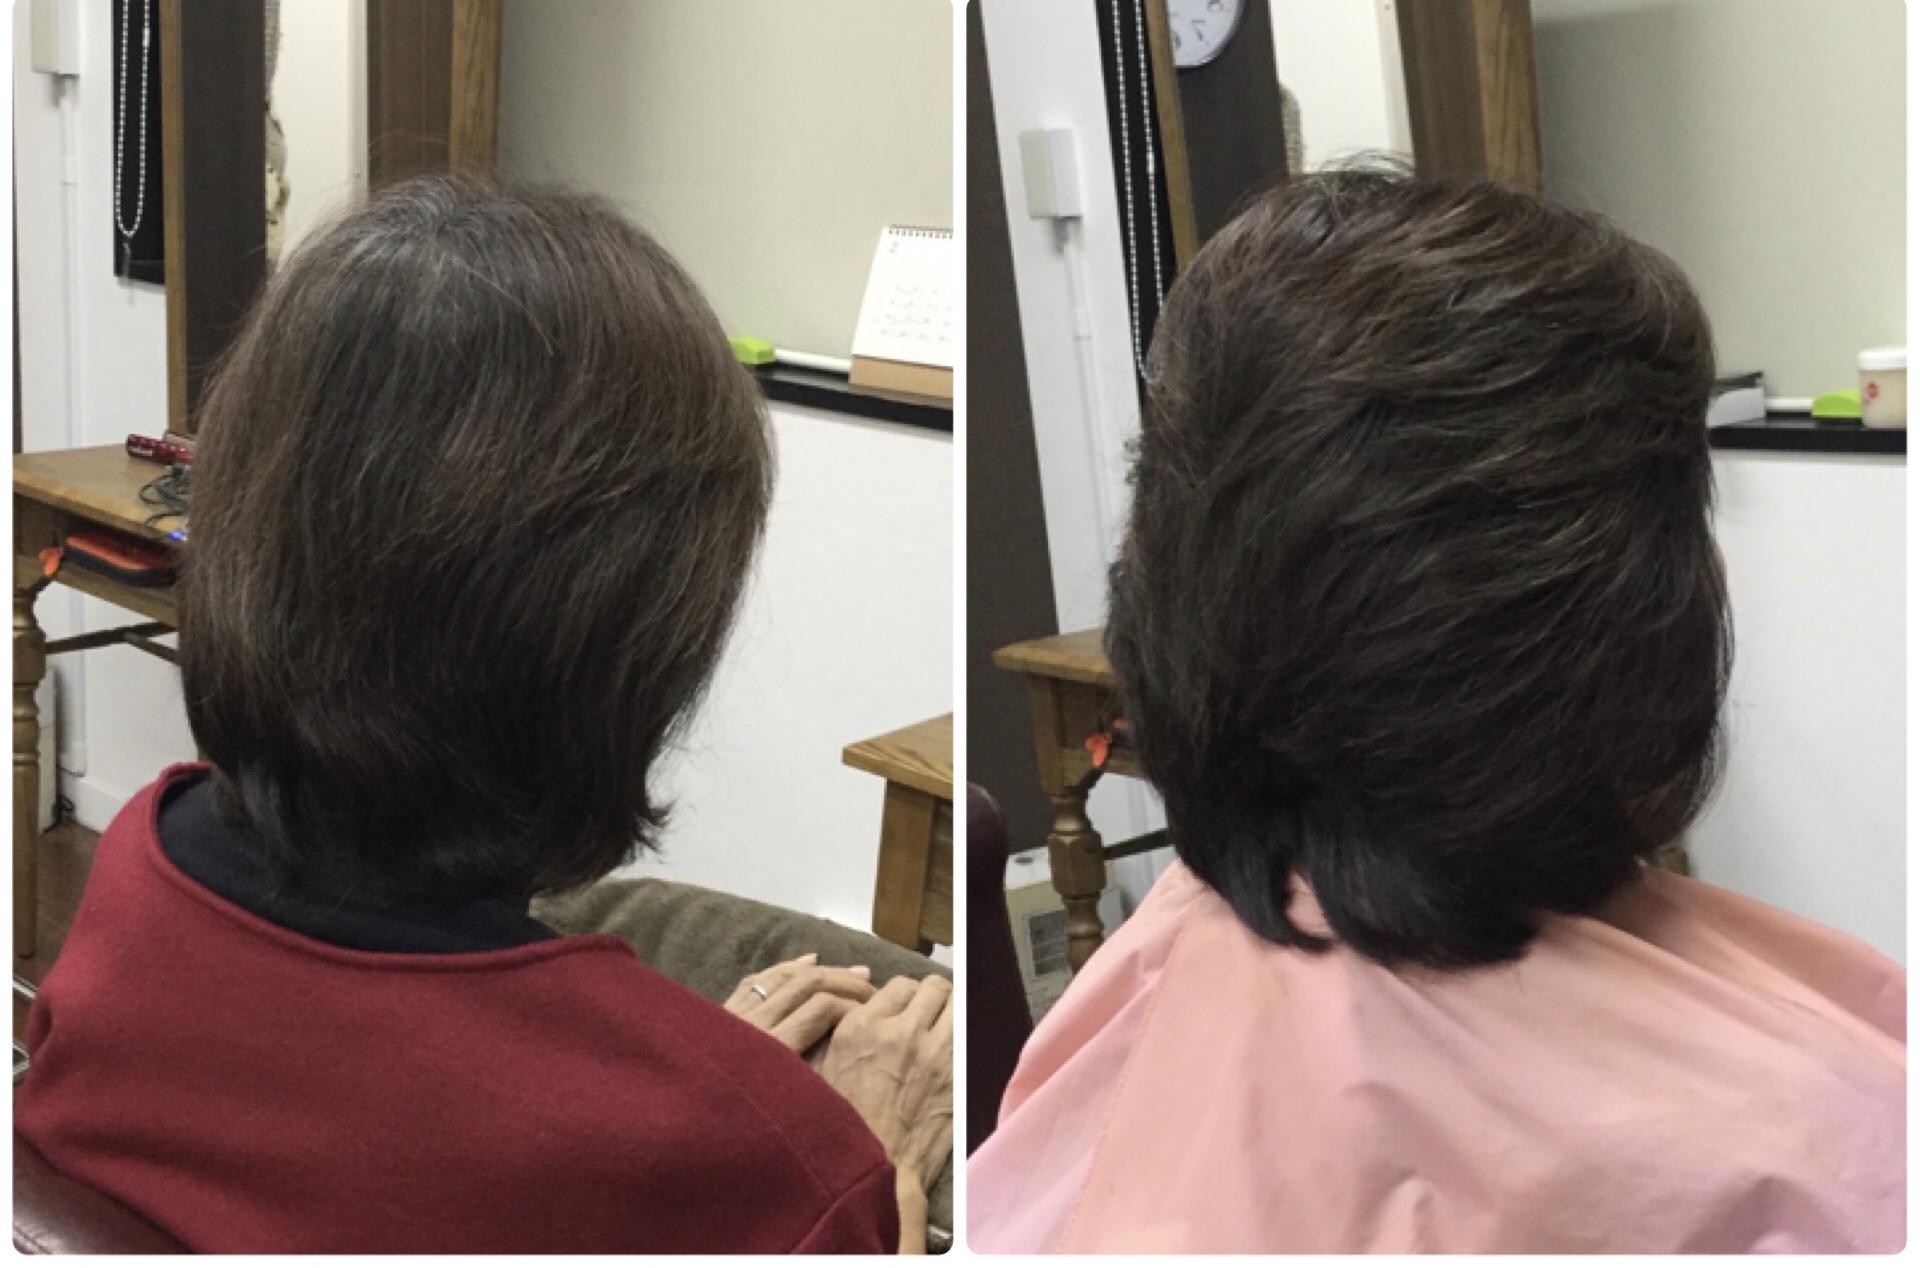 若い美容師さんでは分かってもらえない…【50代からの大人の美容室】神戸くせ毛専門美容室アバディ